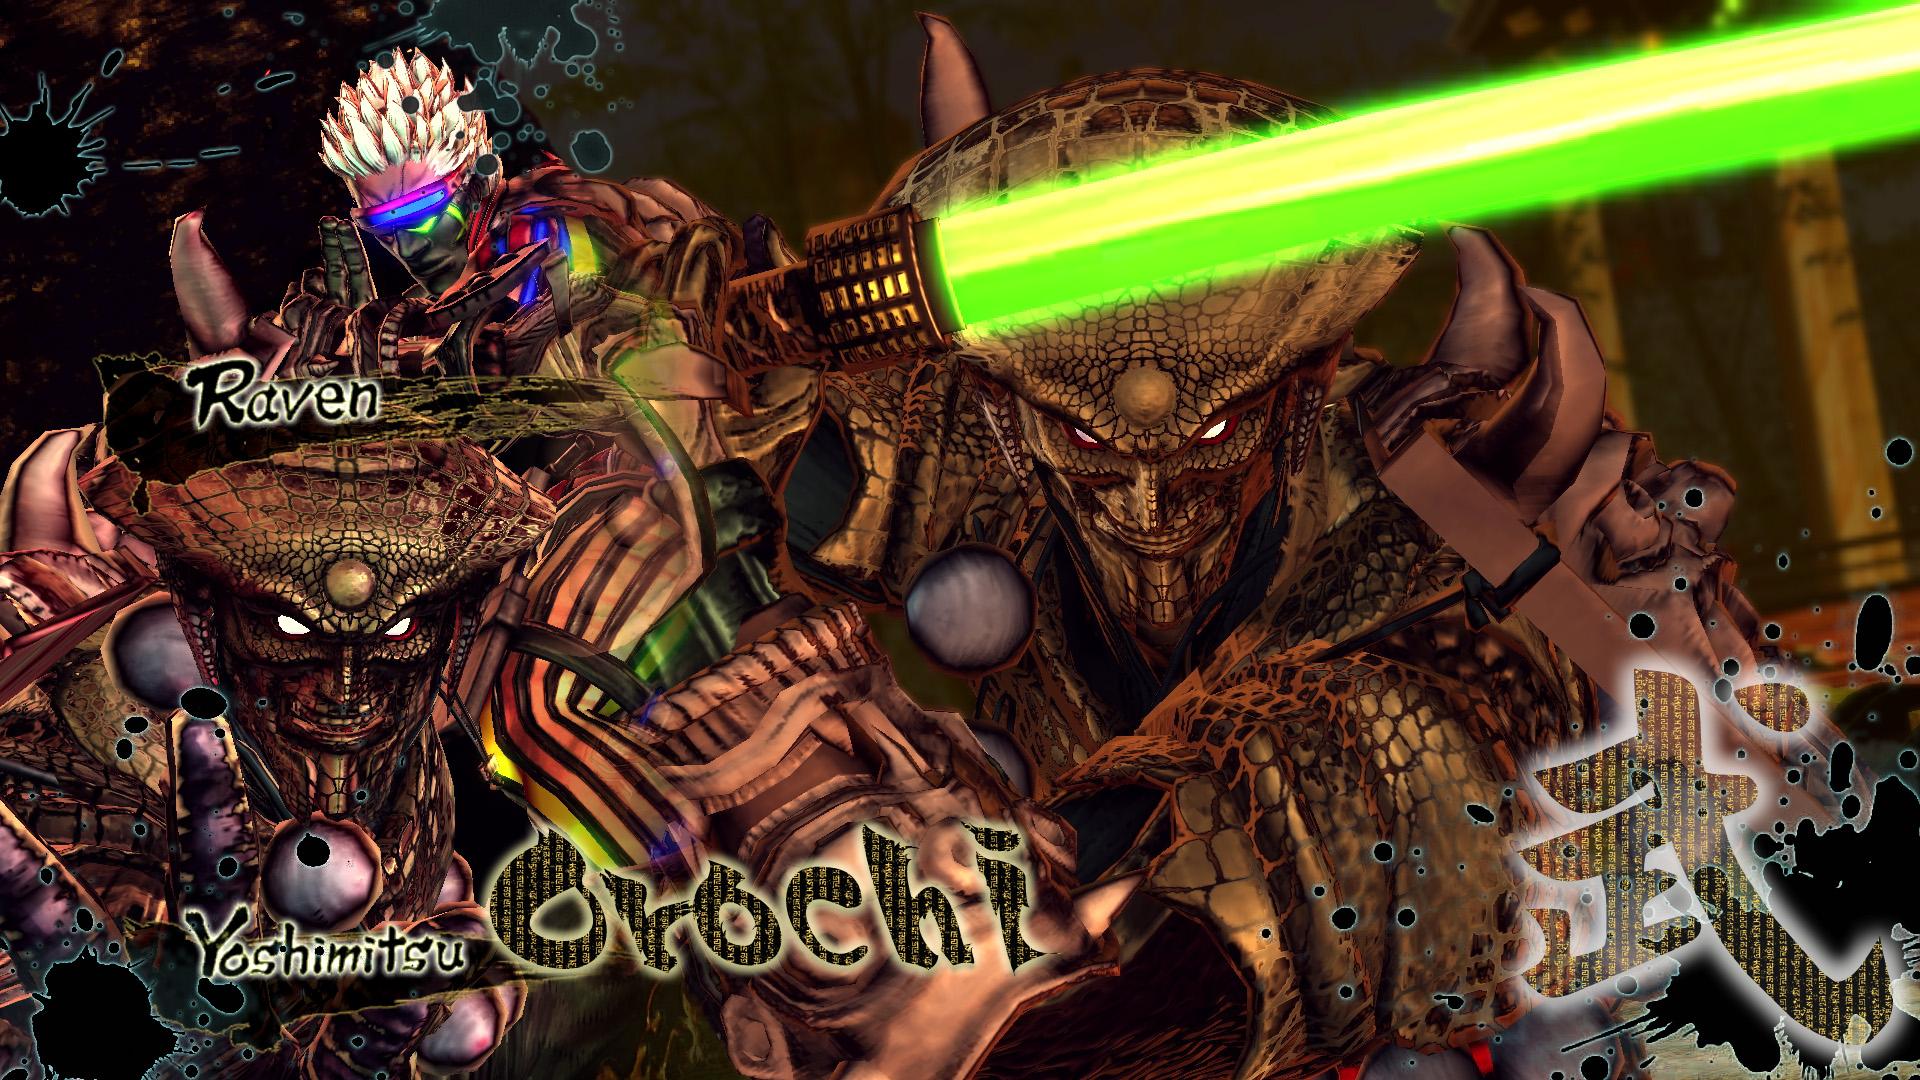 Yoshimitsu Orochi by Berserk-er on DeviantArt